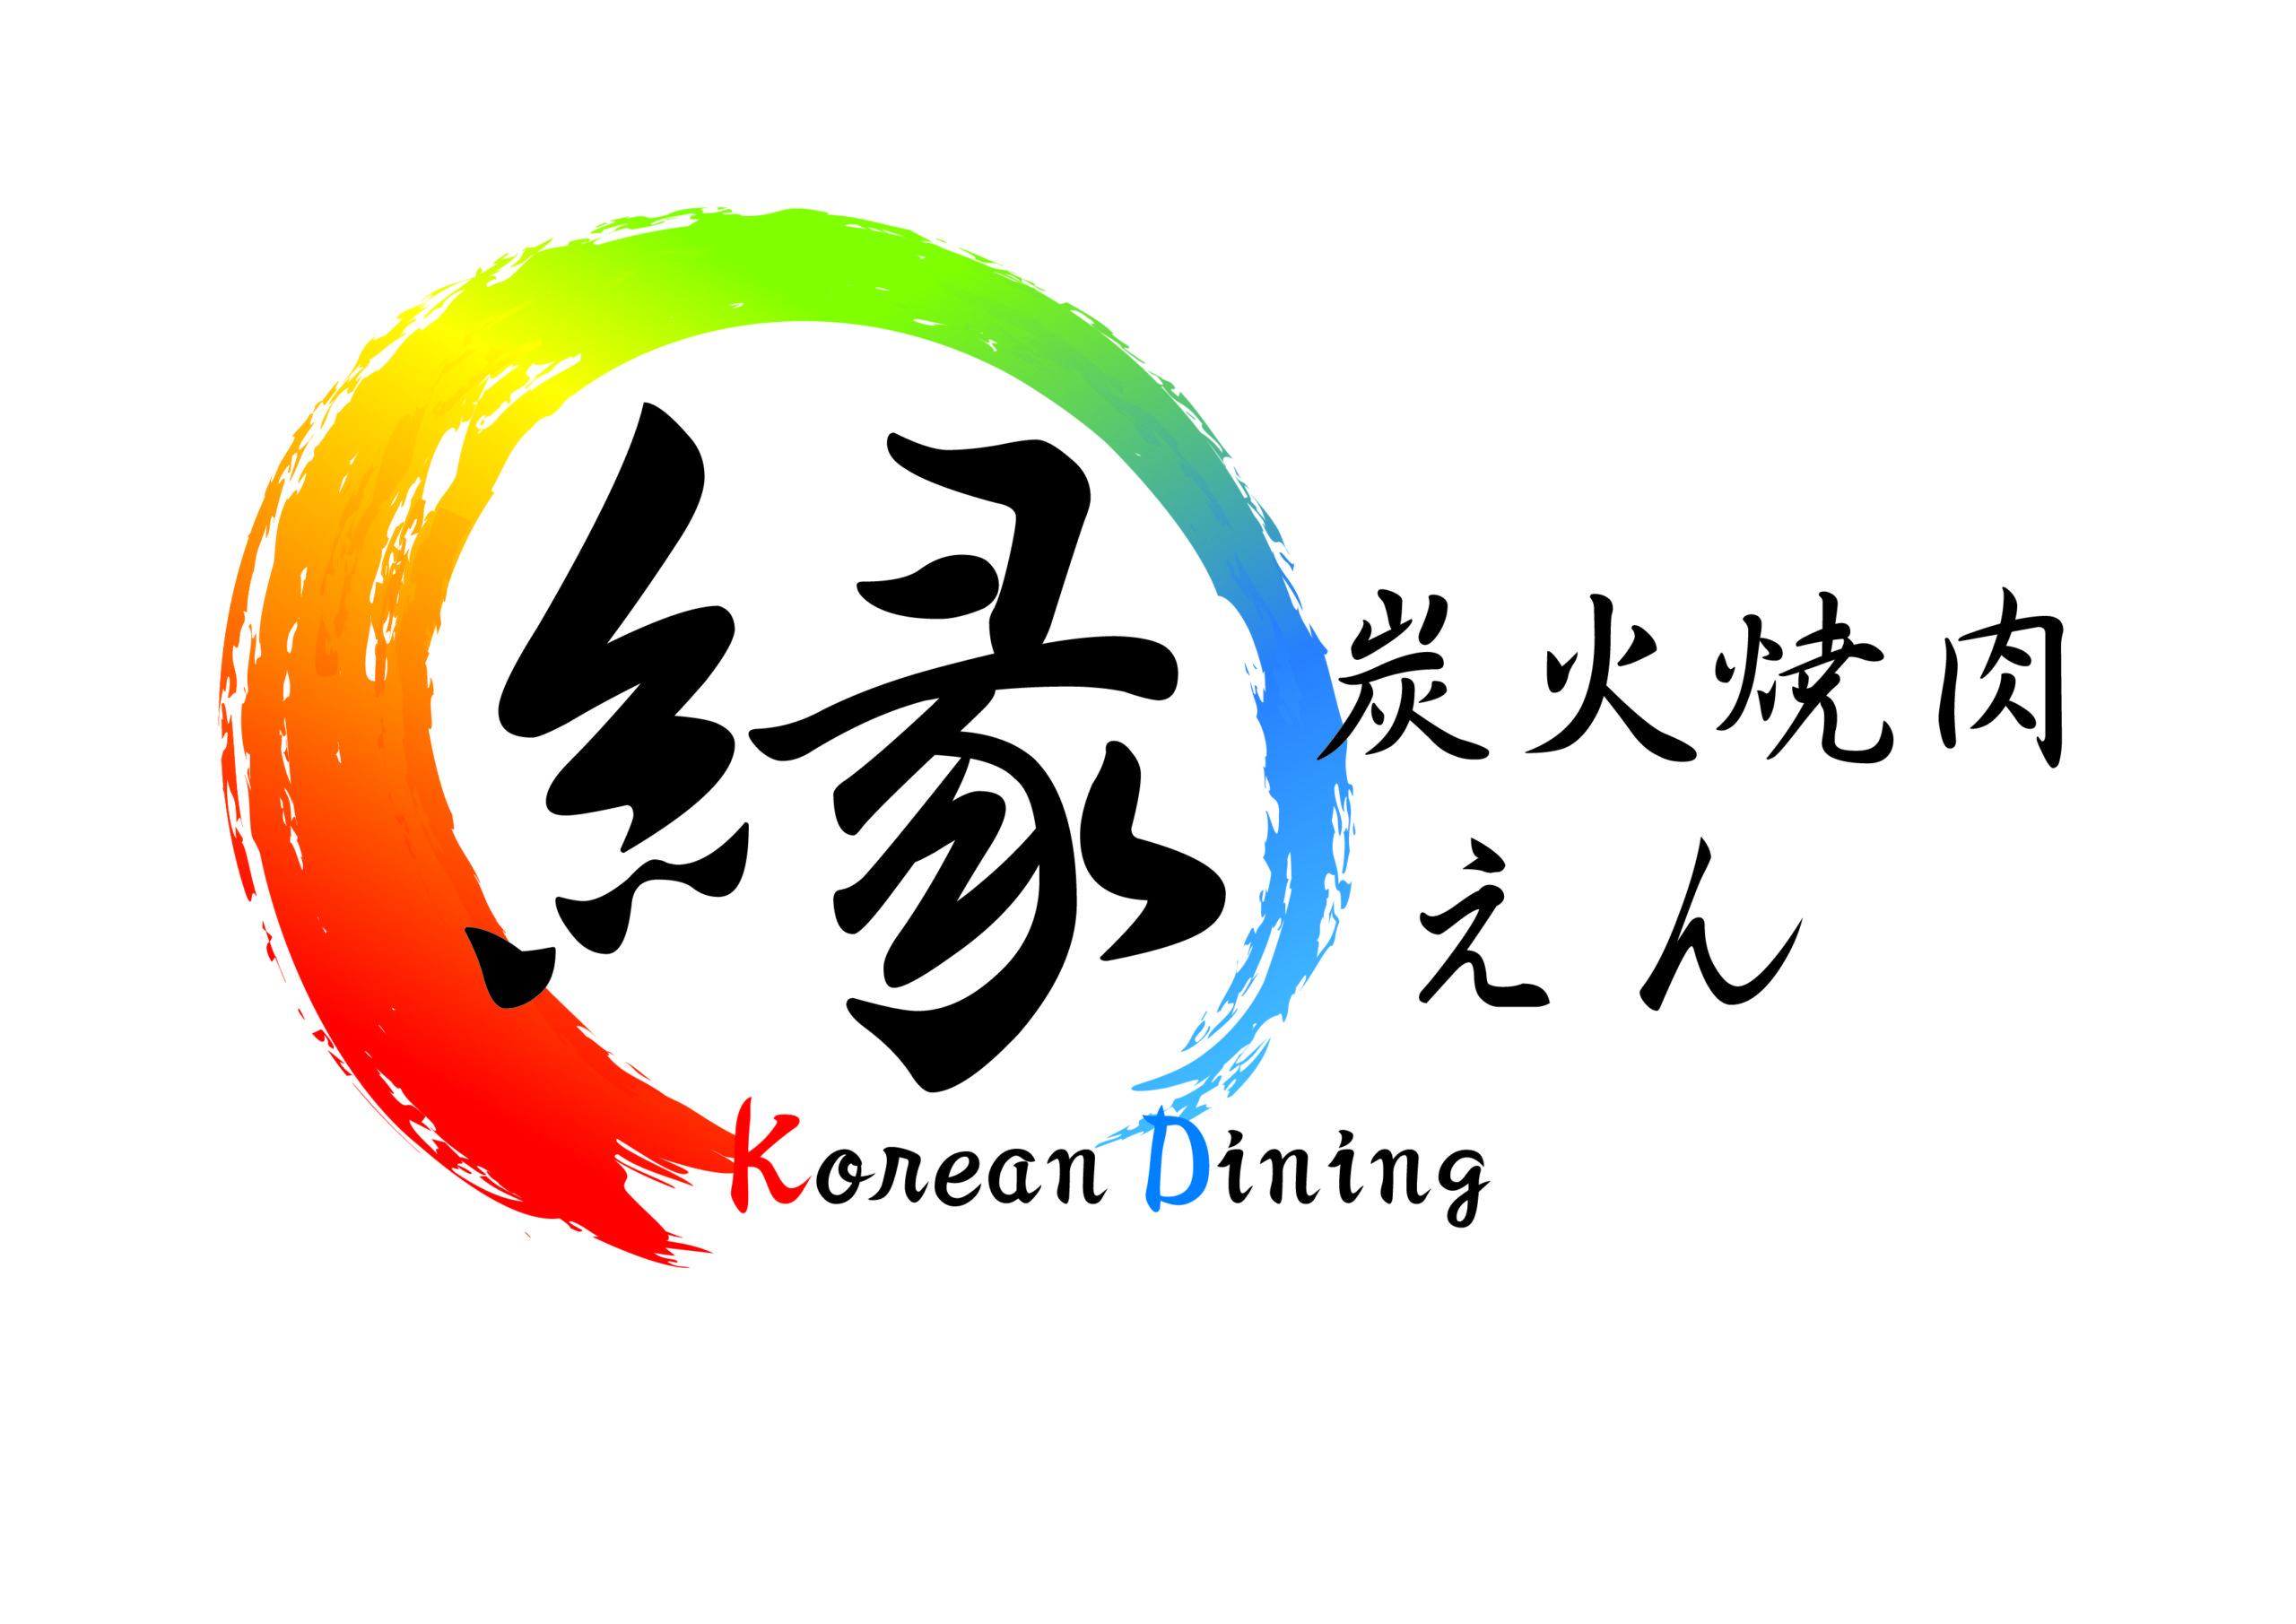 焼肉 縁|上田市の焼肉、焼肉のテイクアウト